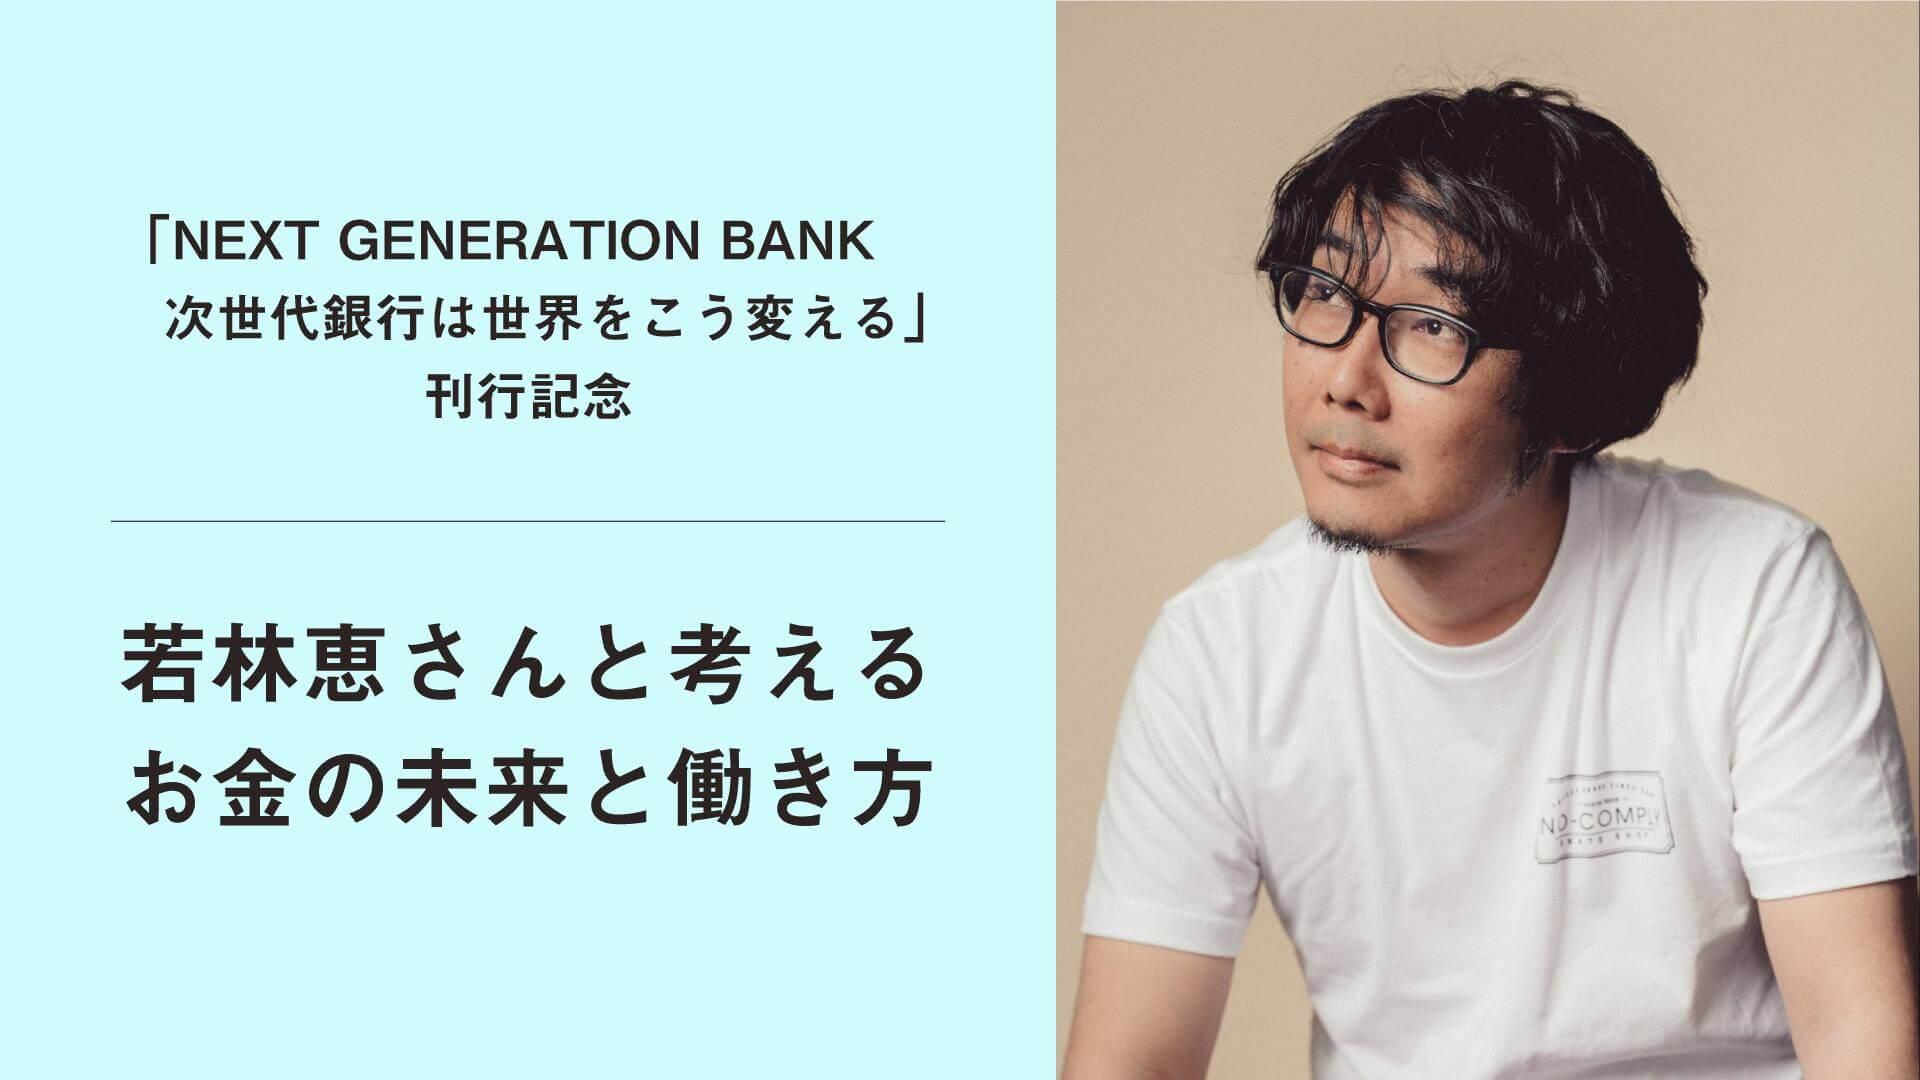 「 若林 恵 さんと考える お金の未来と働き方」 2月17日開催 !!